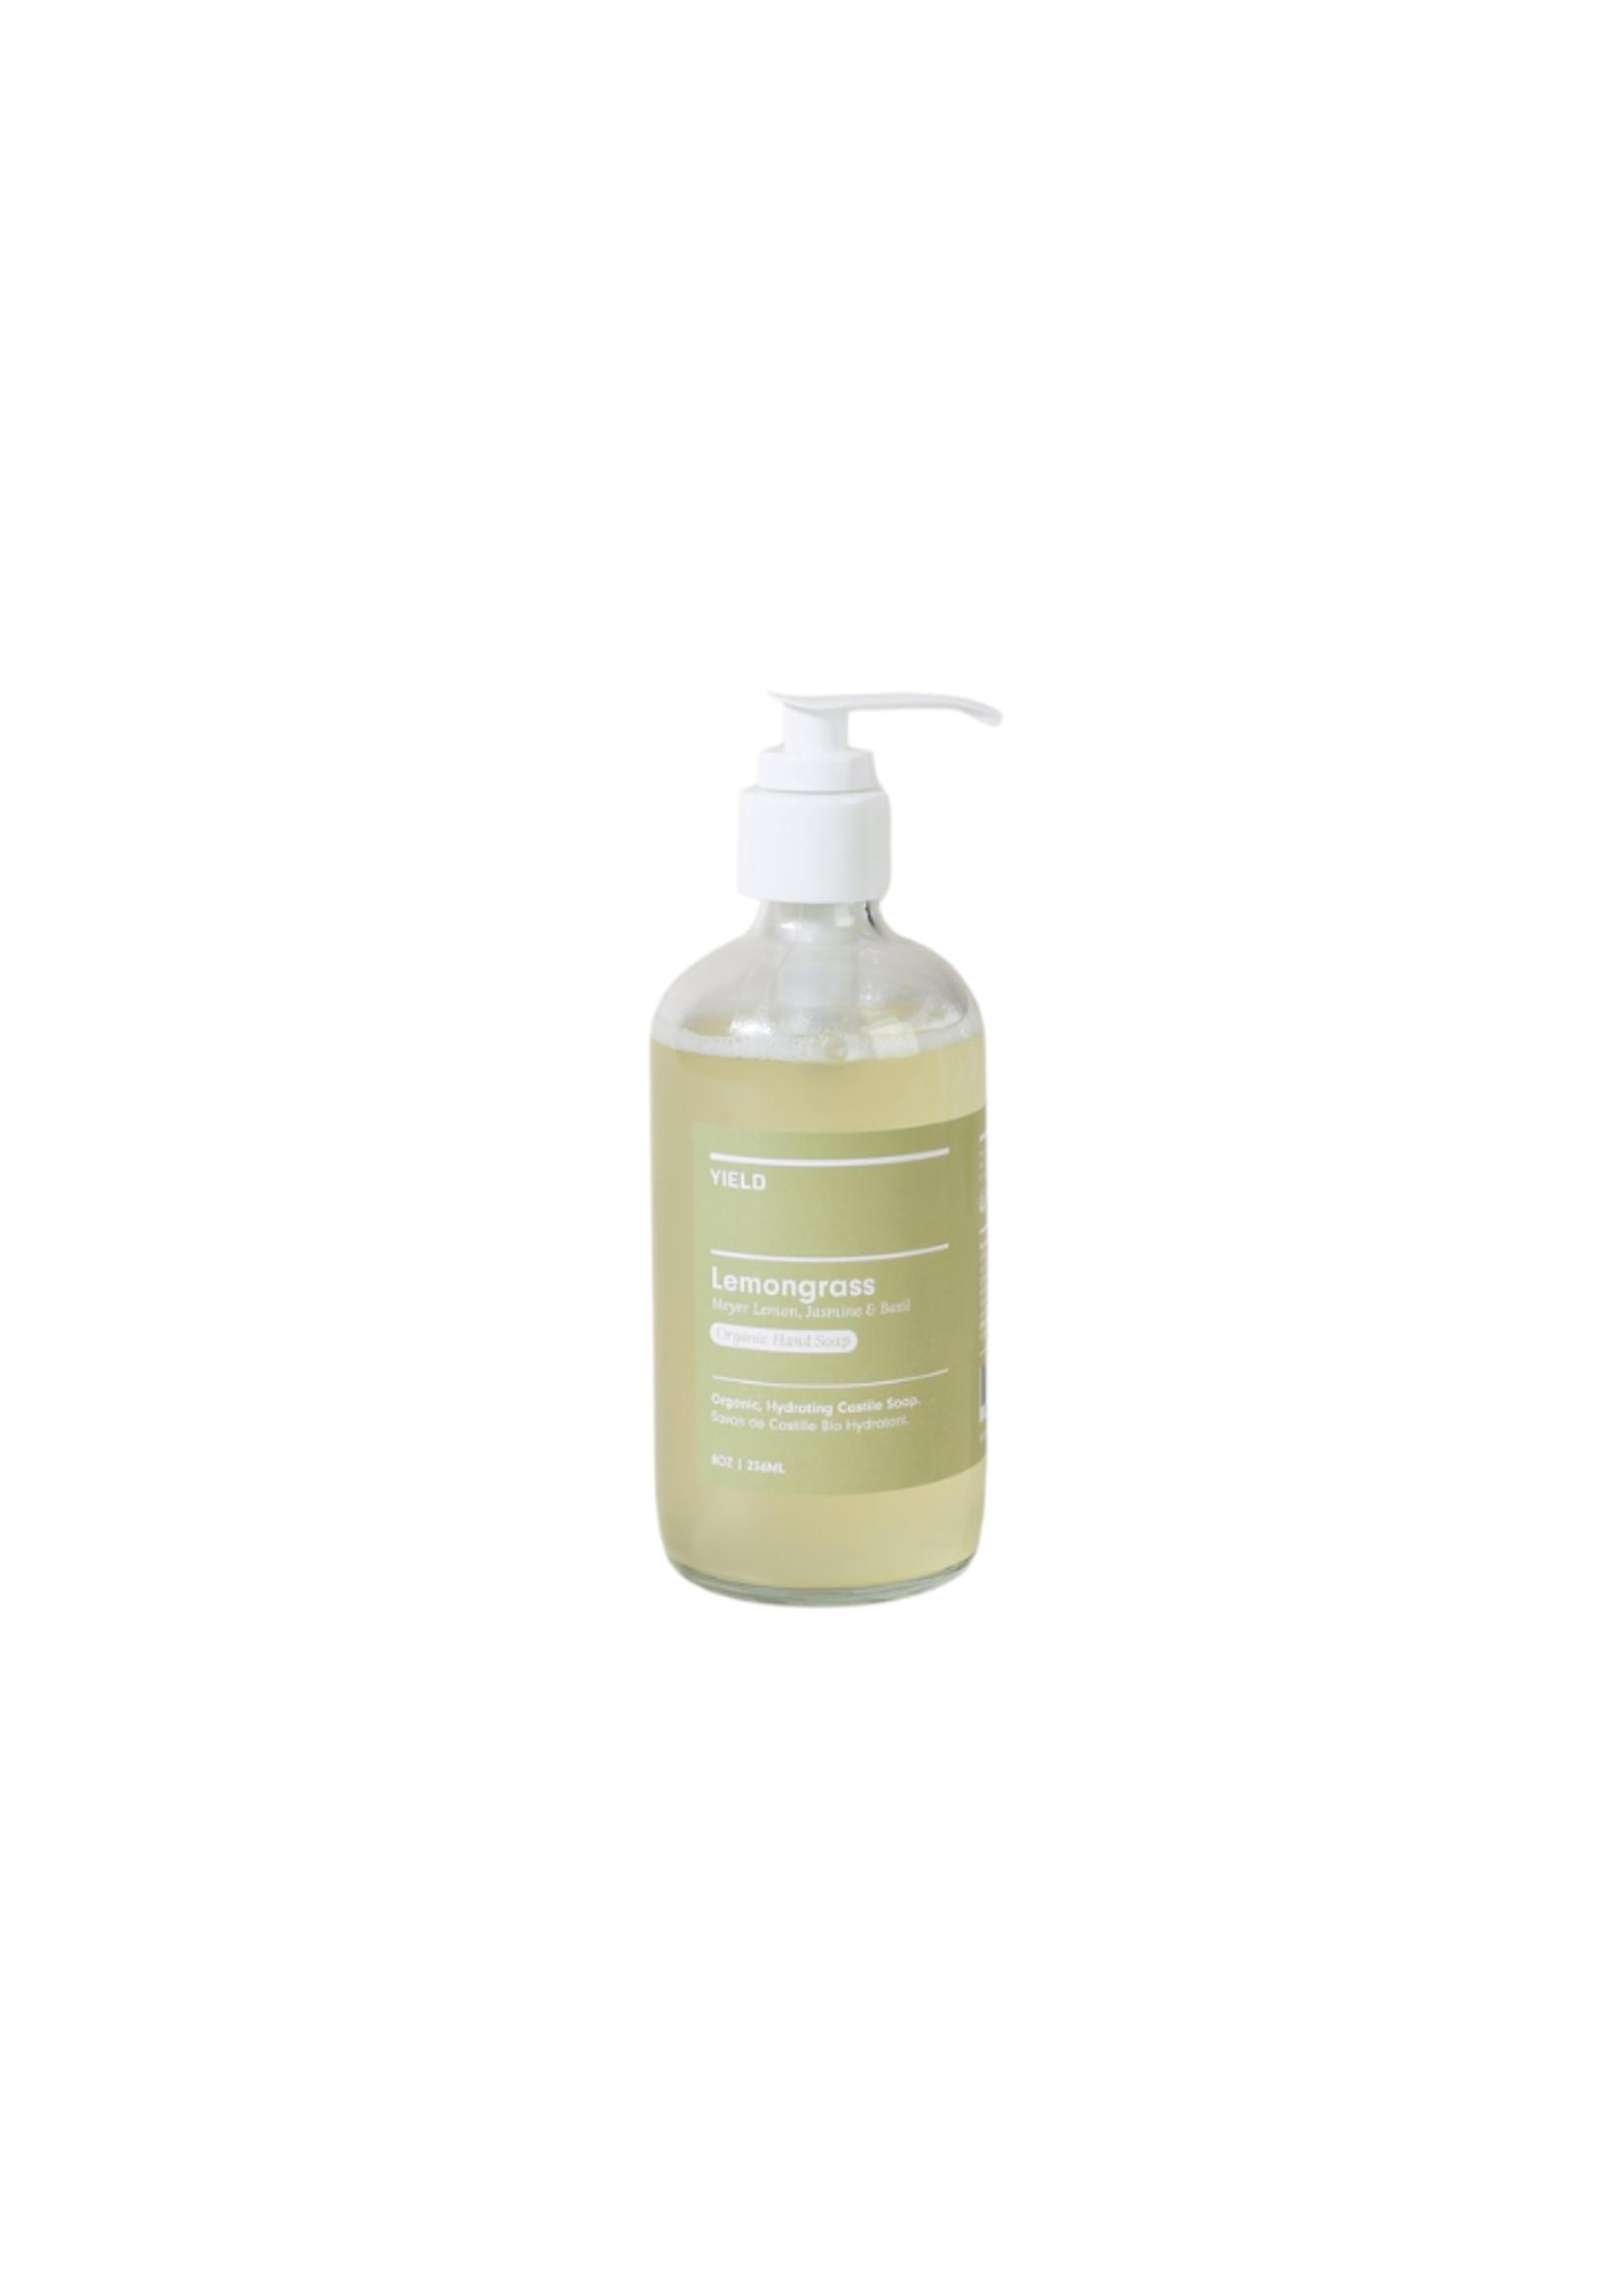 Yield Design Co Lemongrass Organic Hand Soap - 8oz Bottle